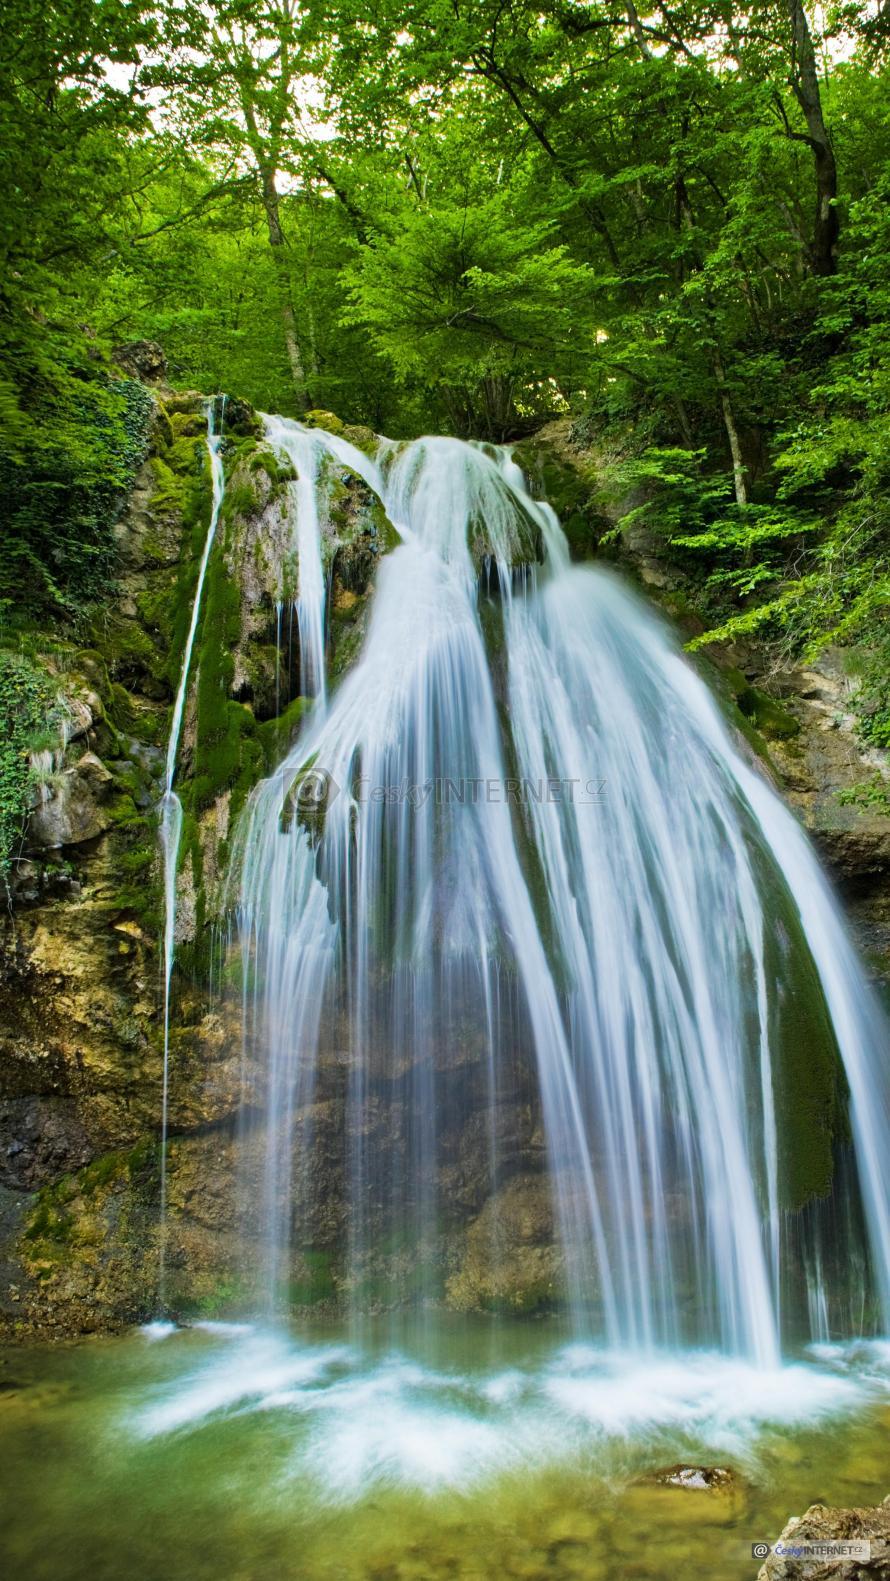 Vodopád v přírodě.